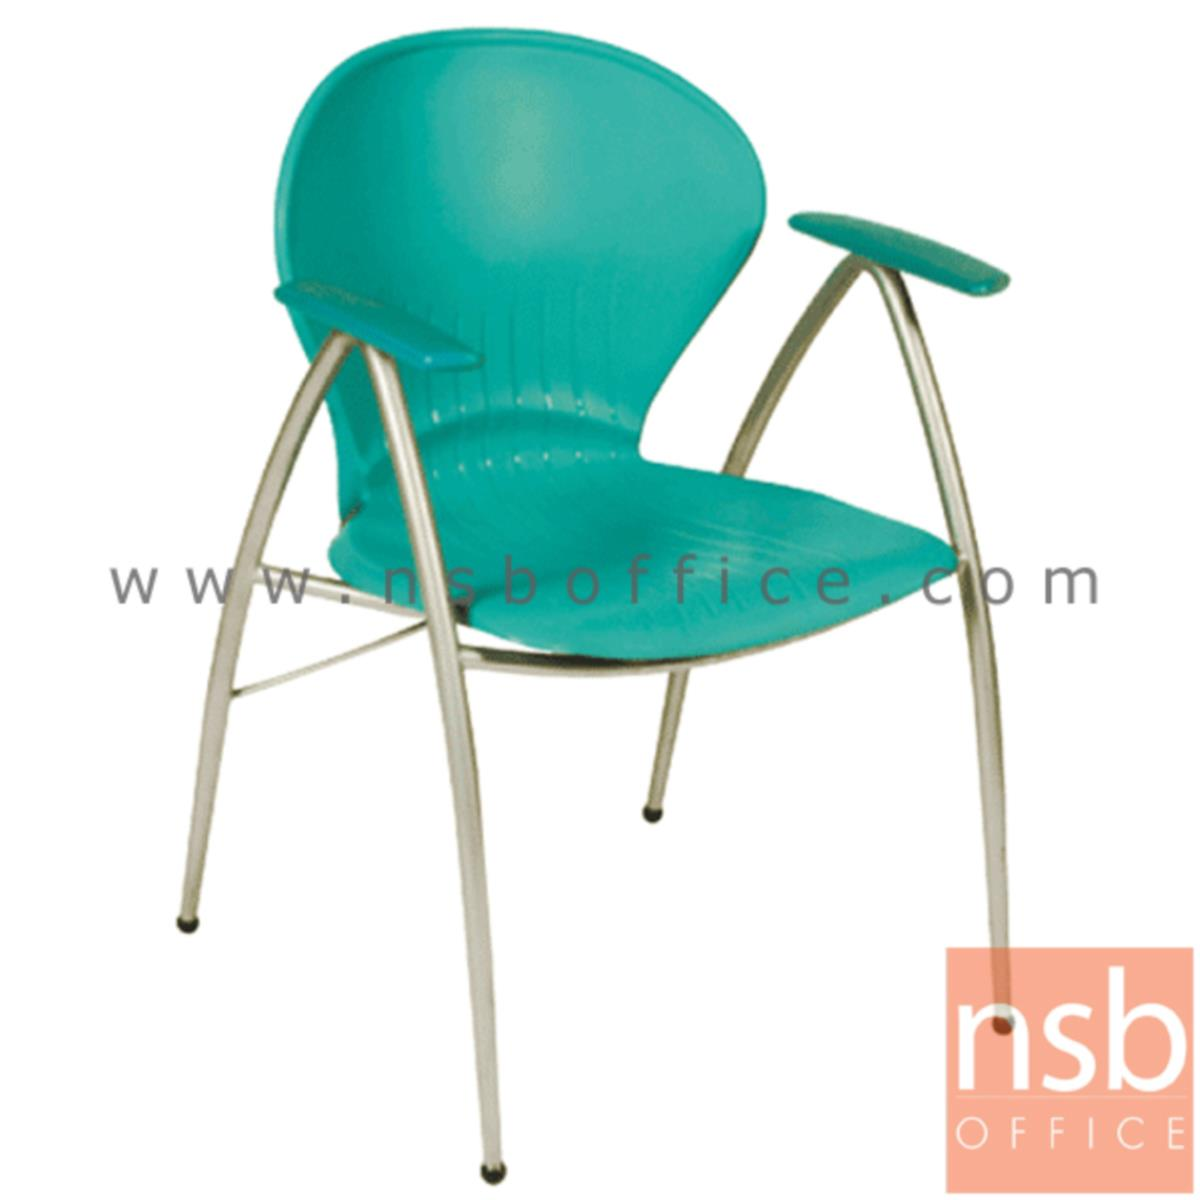 B05A070:เก้าอี้อเนกประสงค์เฟรมโพลี่ รุ่น A766-166  ขาเหล็กพ่นสีเทา